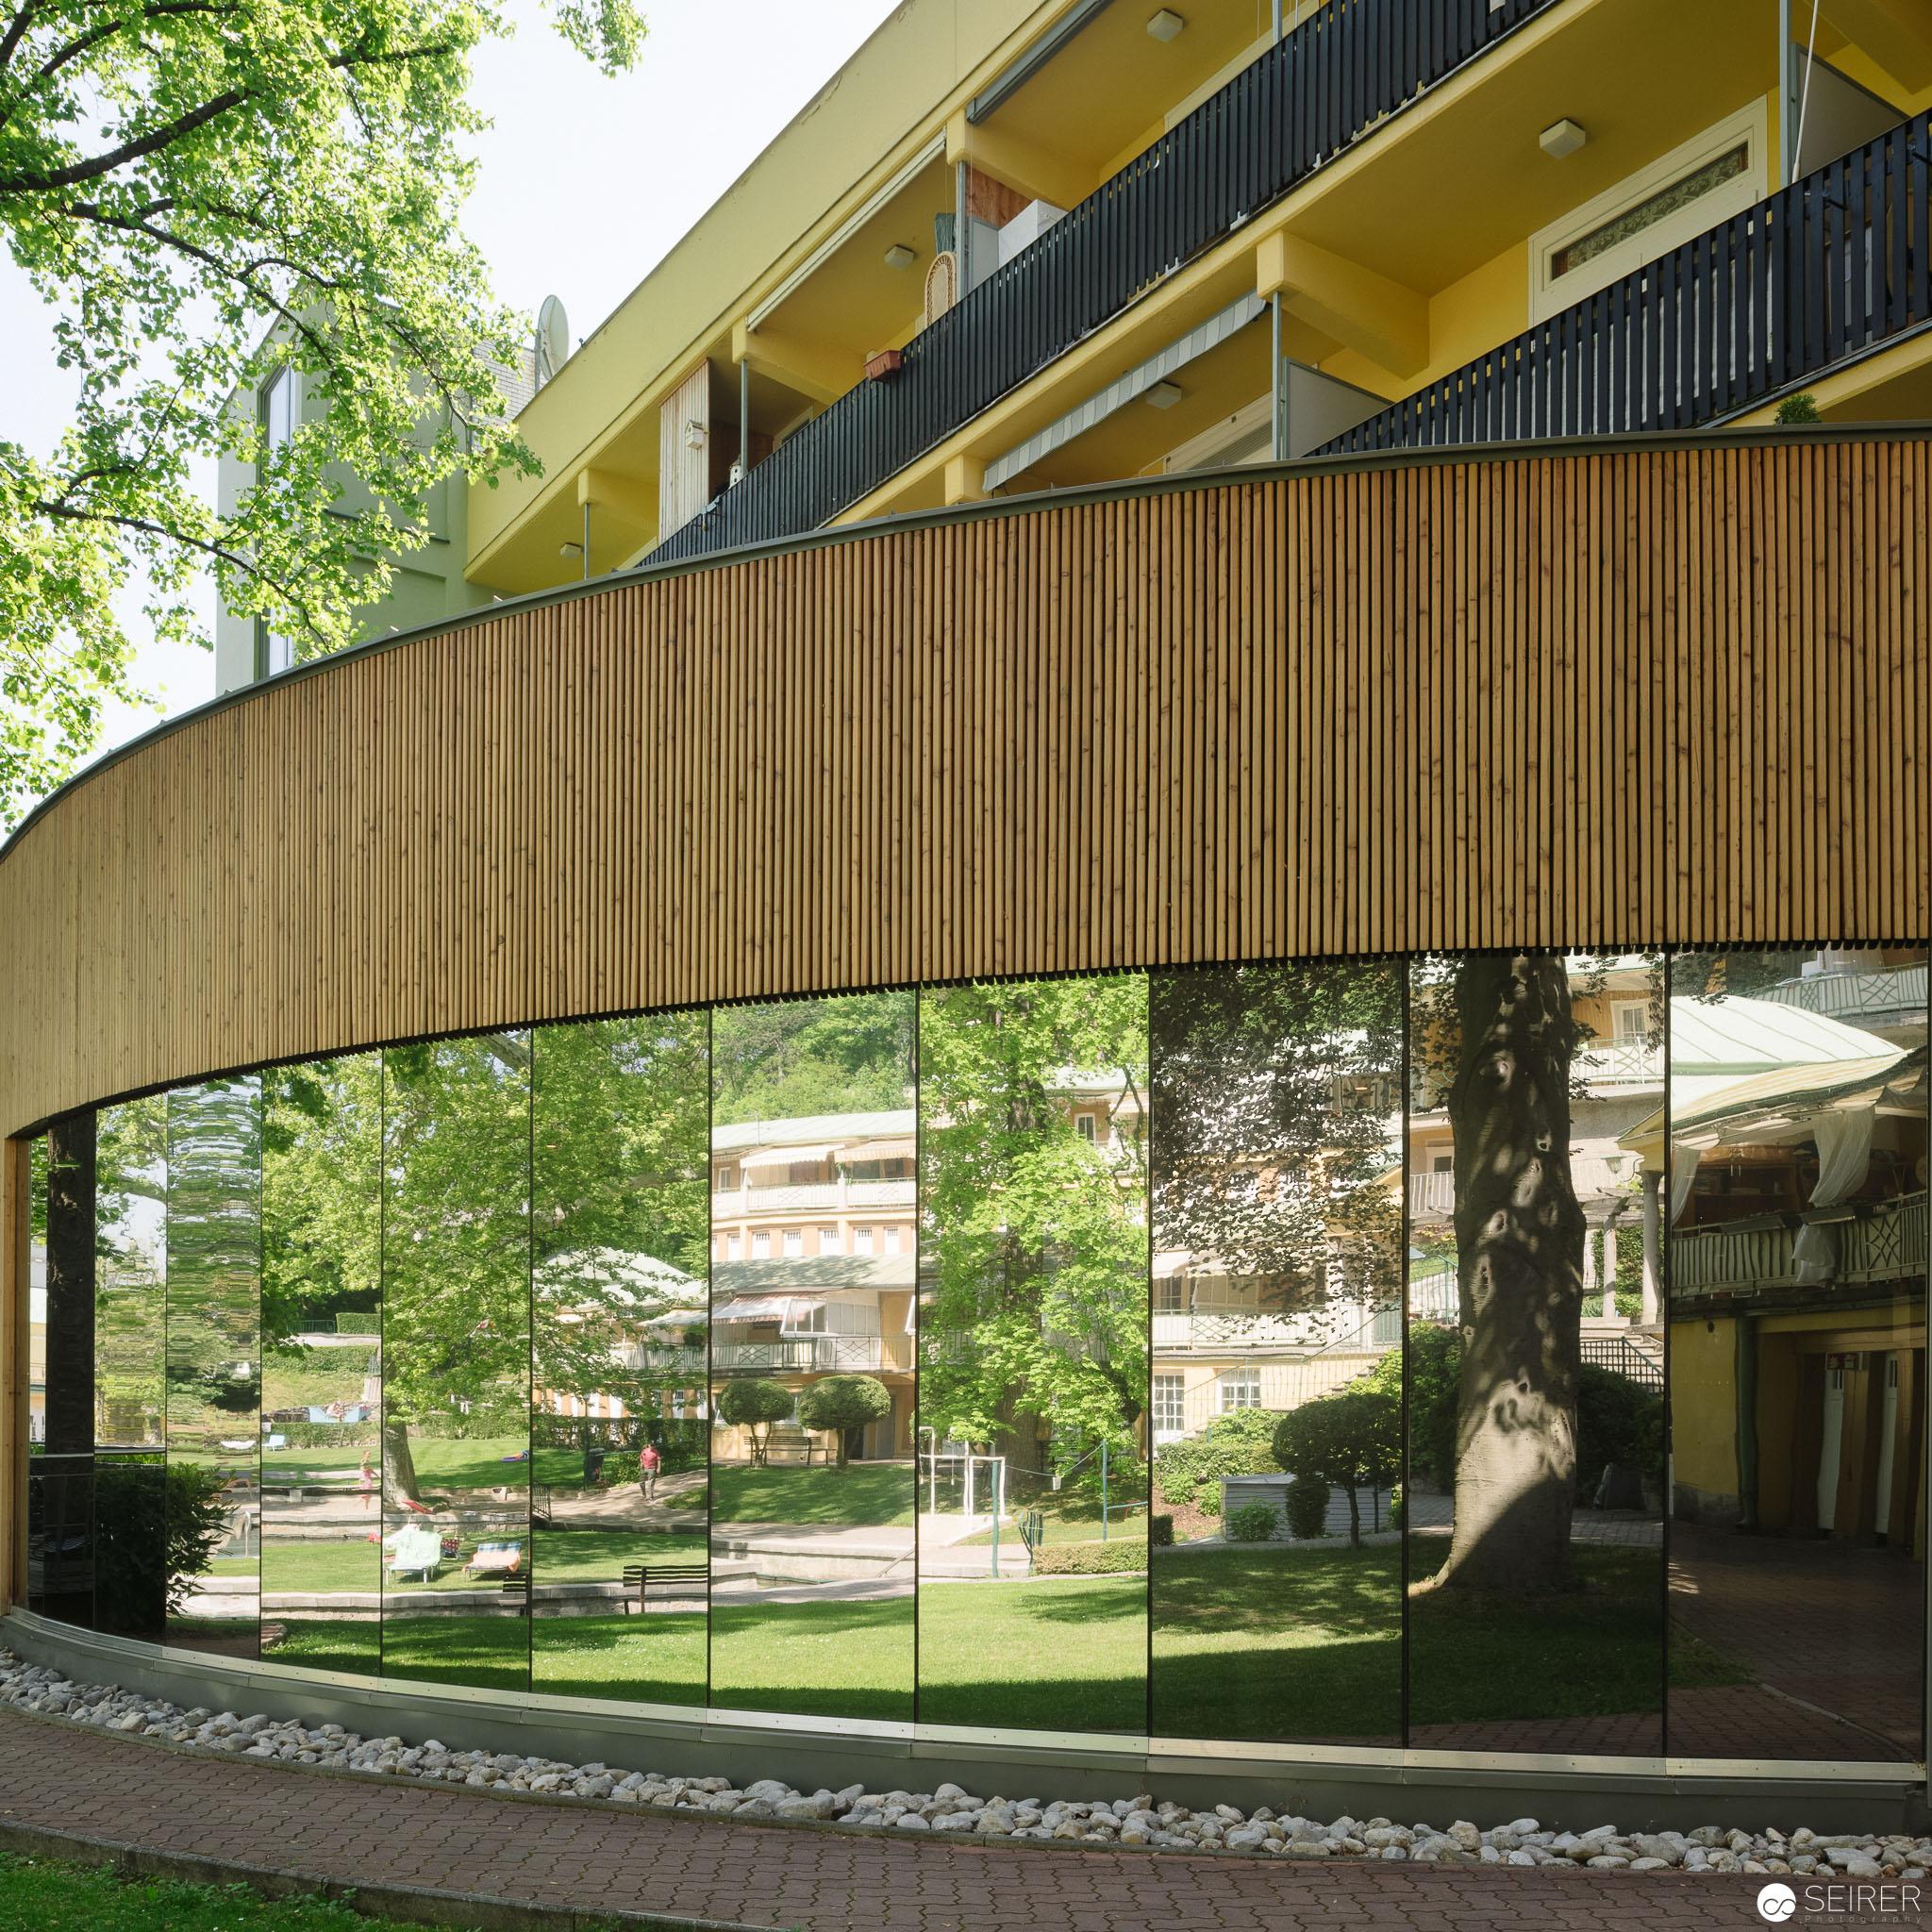 Verspiegelter halbrunder Gebäudekomplex - eines der wenigen modernen Elemente